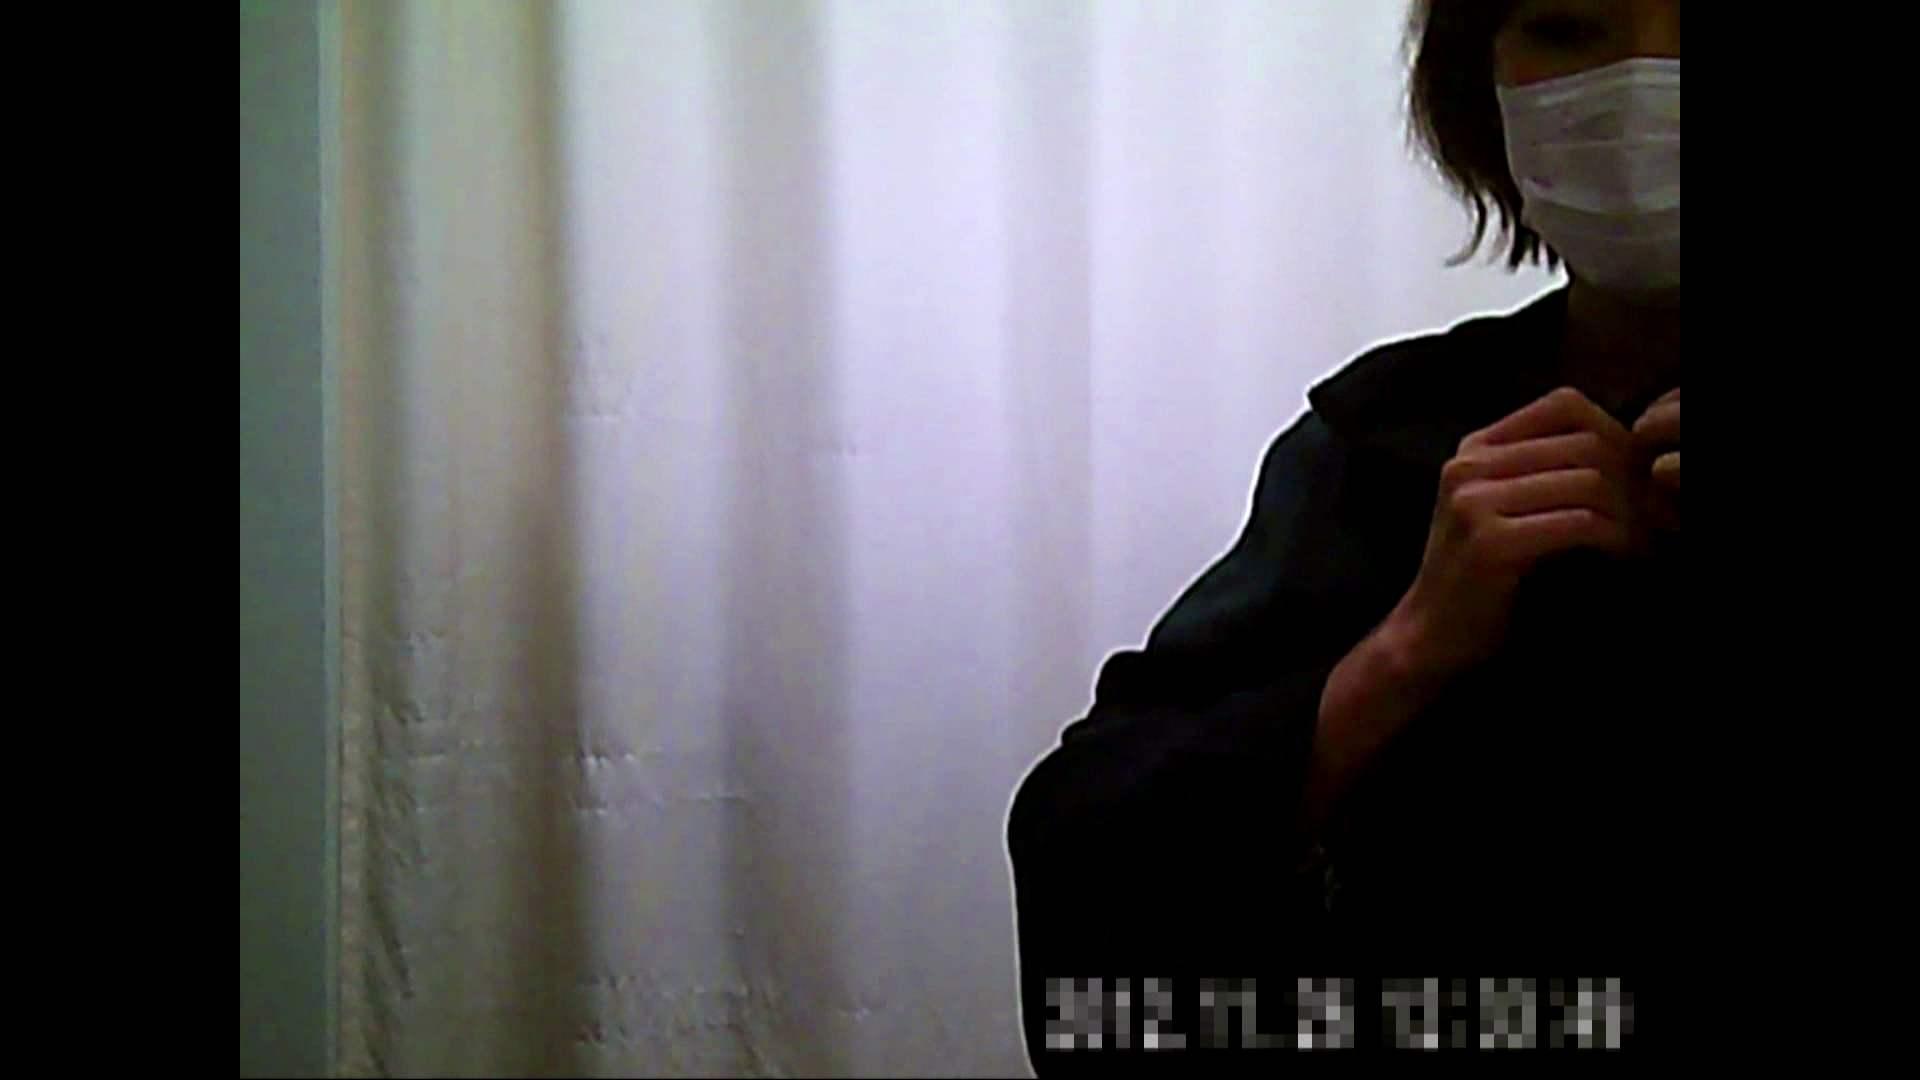 元医者による反抗 更衣室地獄絵巻 vol.281 OLハメ撮り  100Pix 47